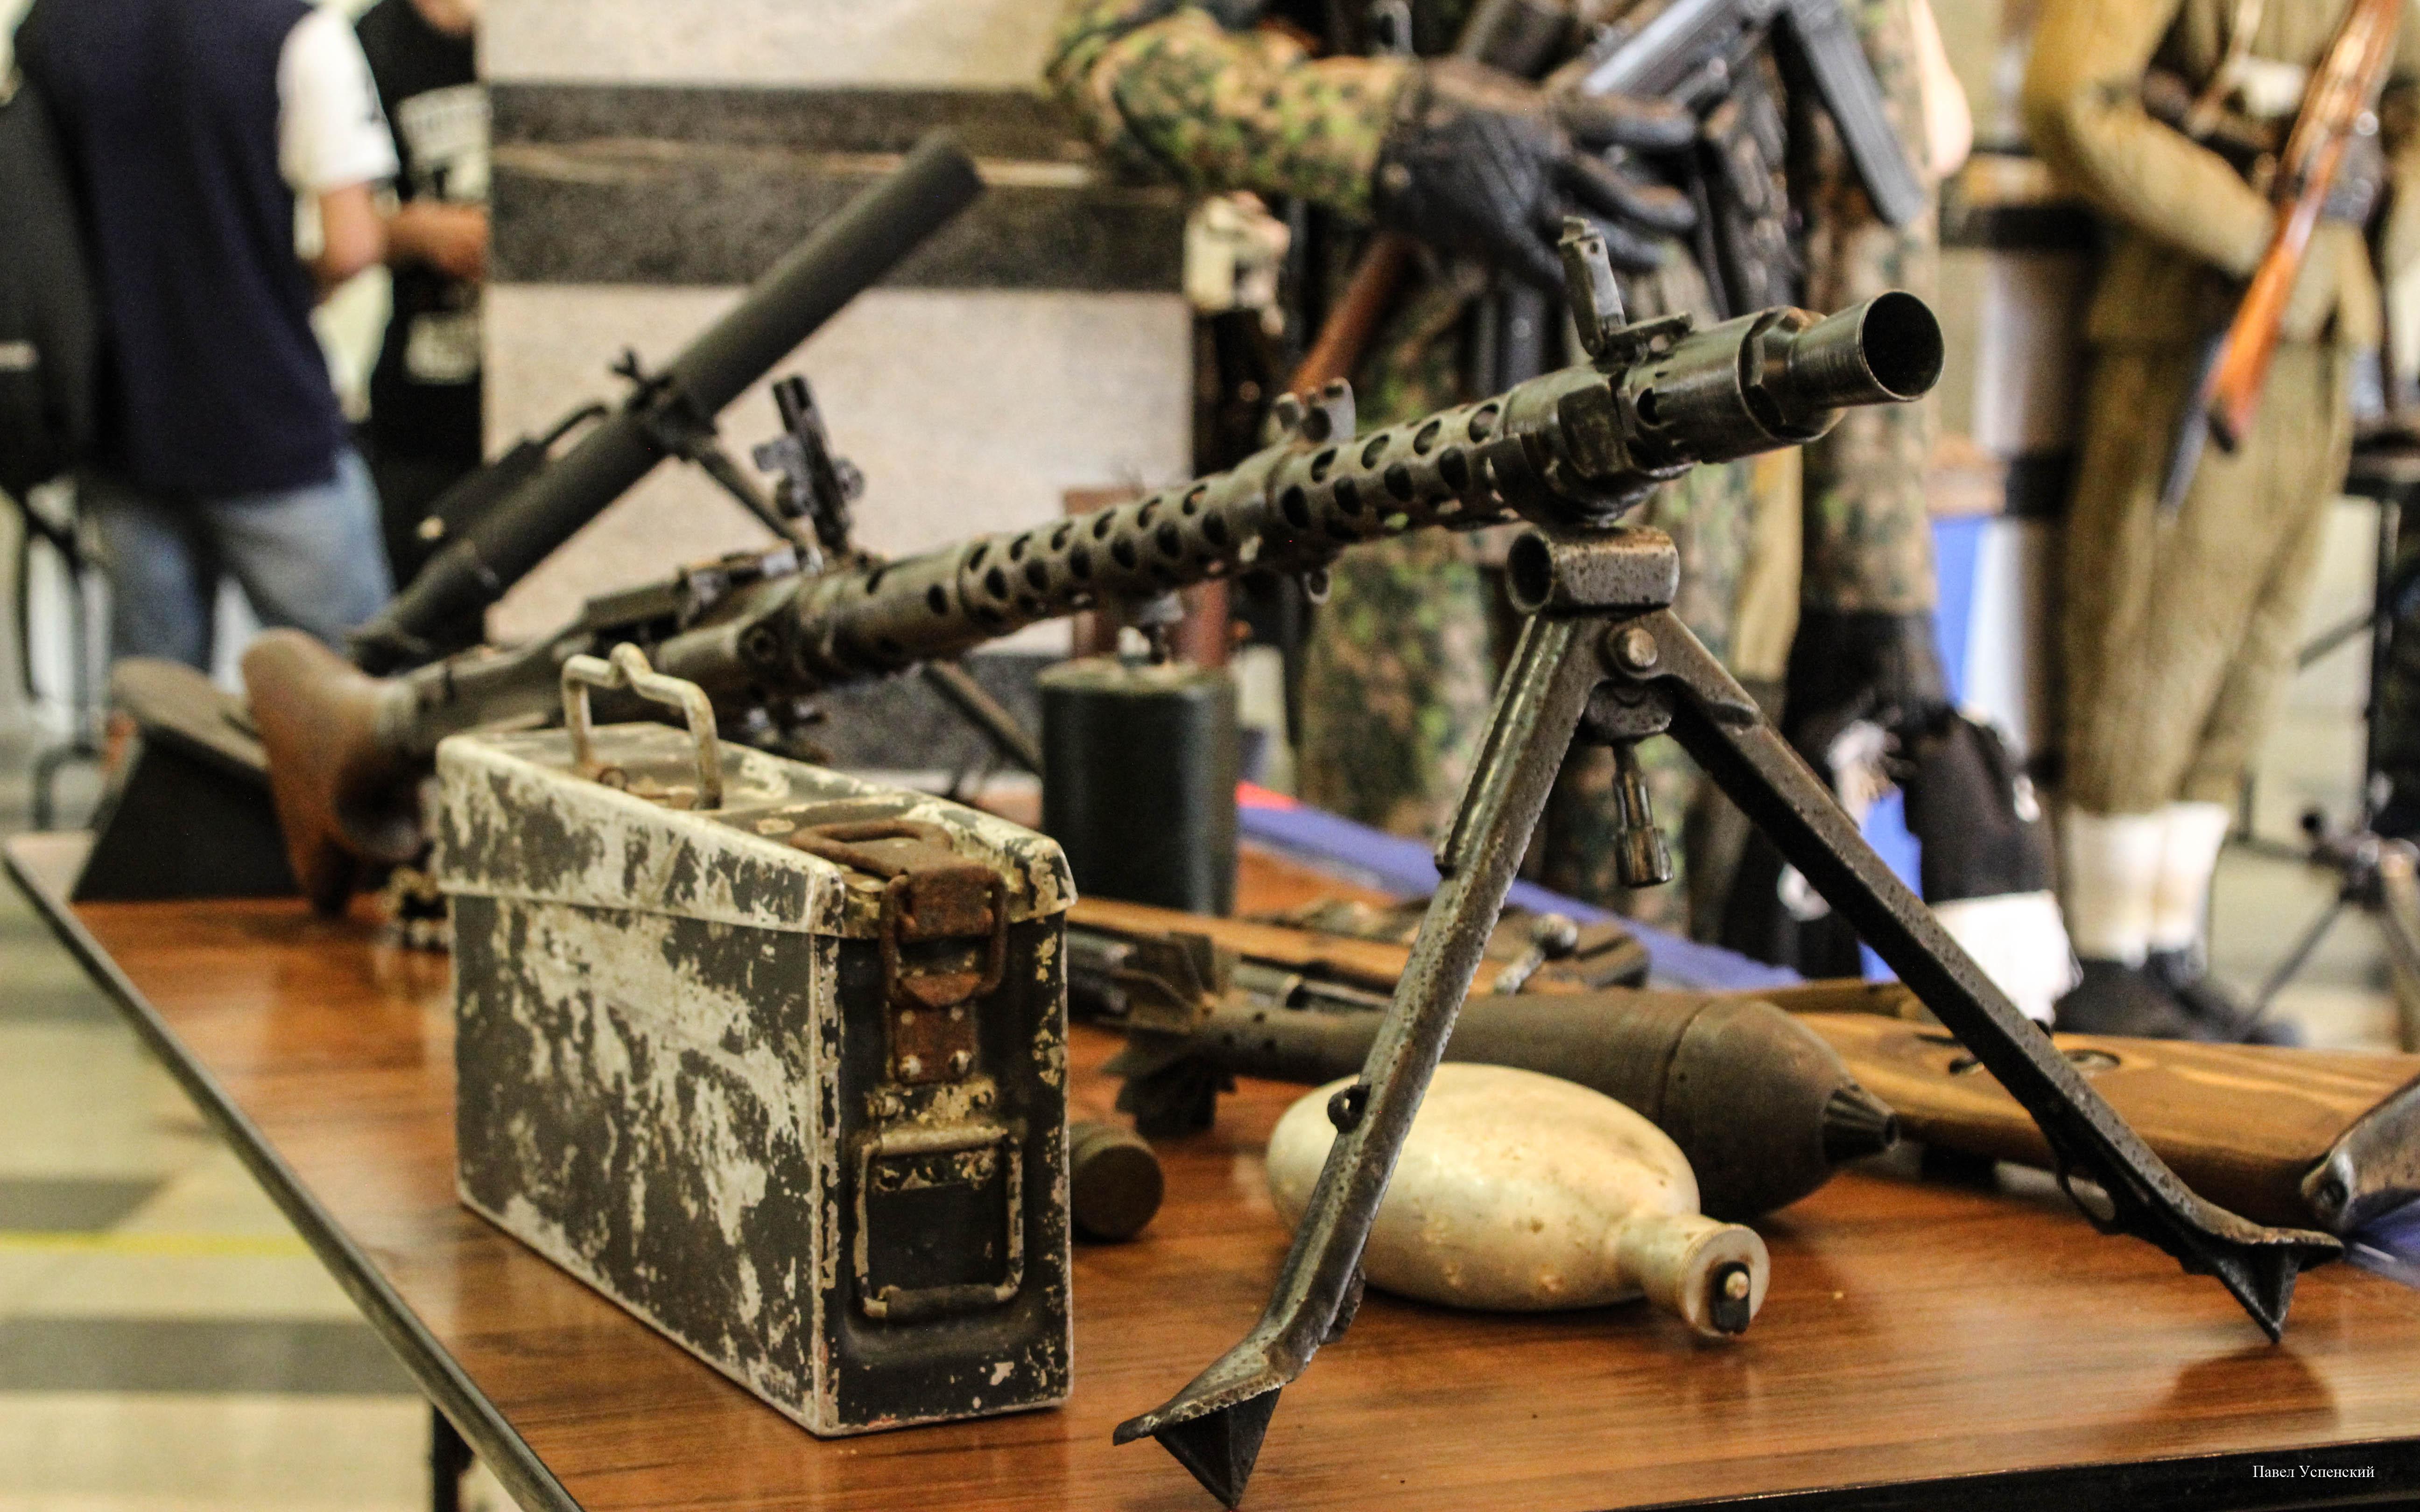 Жителям Твери показали предметы времен войны, найденные поисковиками на полях сражений - новости Афанасий